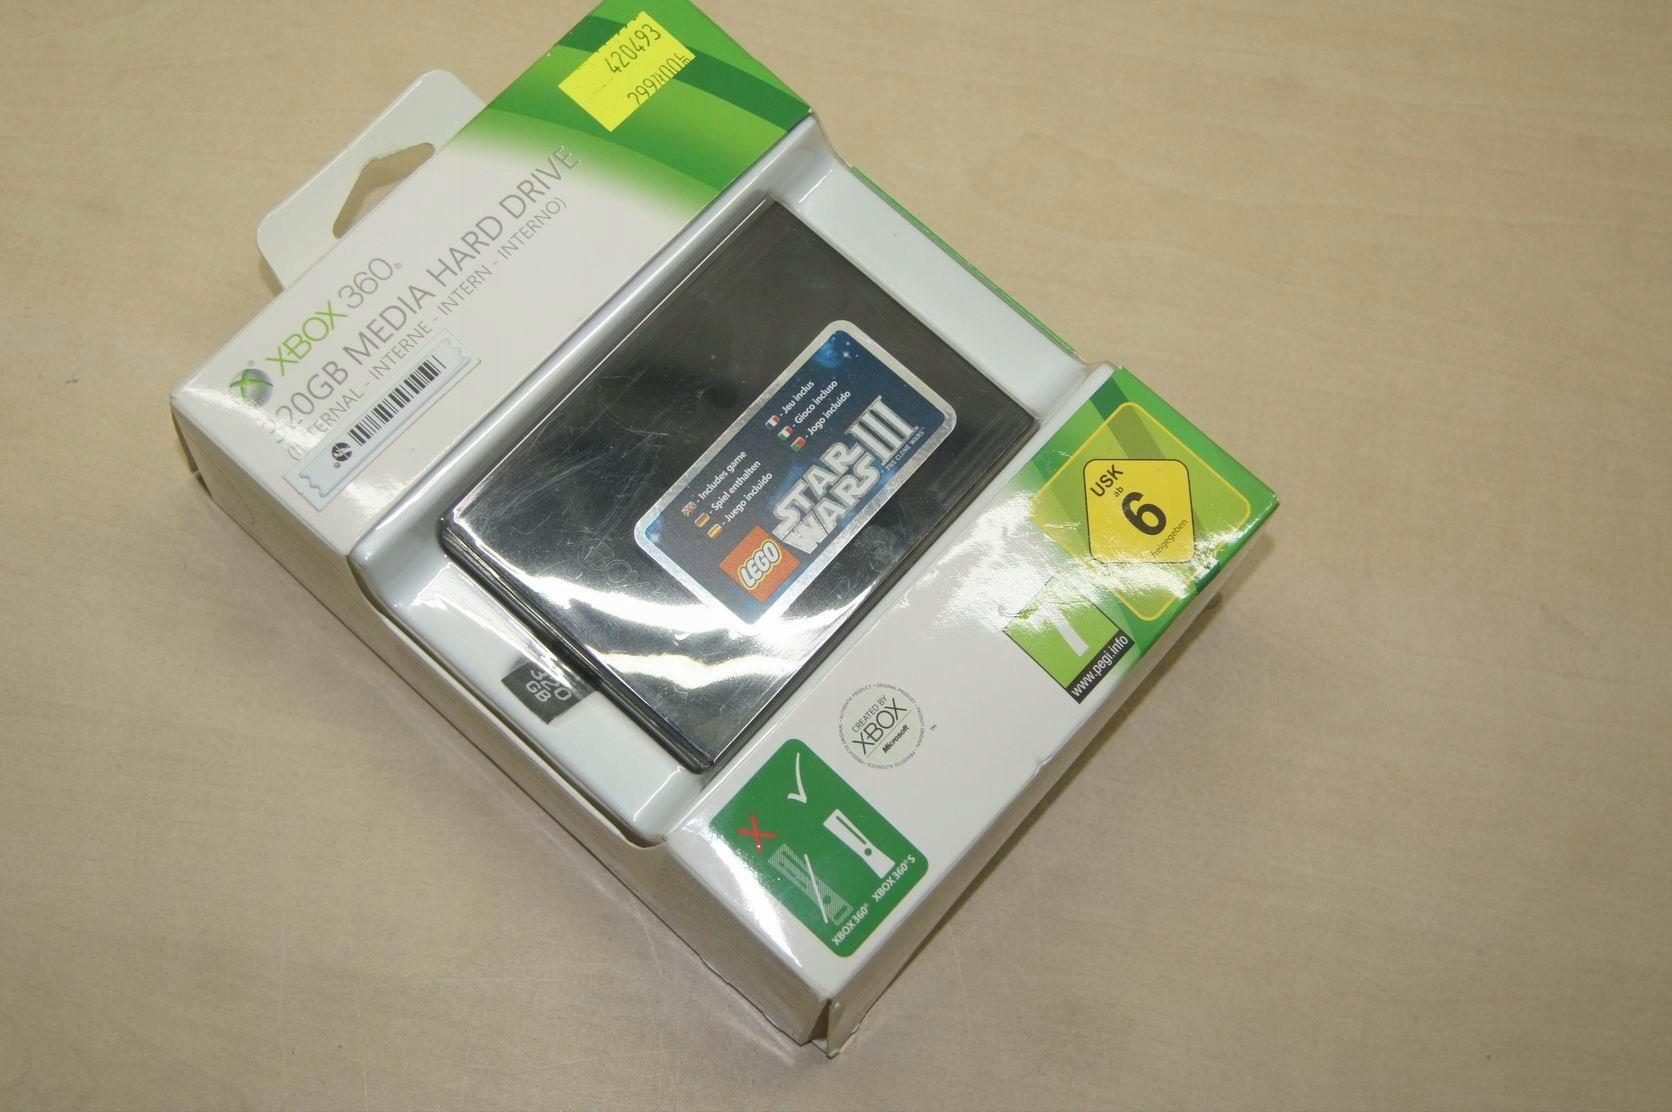 oryginalny dysk twardy 320 GB do xbox 360 SLIM !